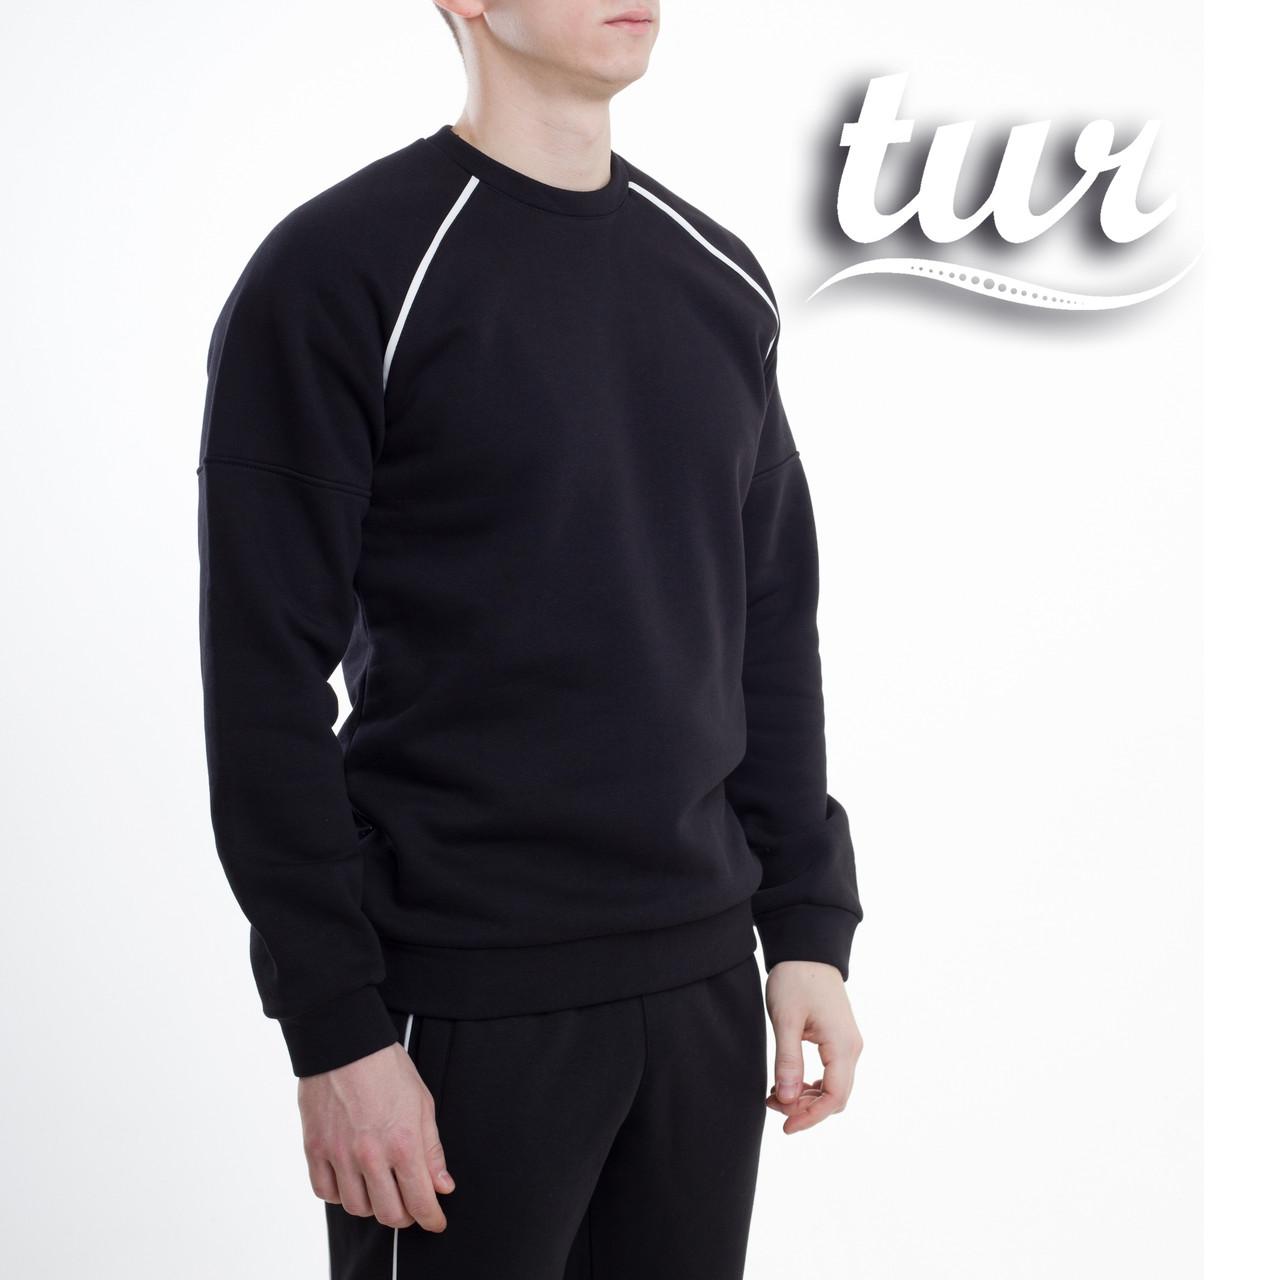 Зимний свитшот реглан мужской чёрный с полосками от бренда ТУР Сектор (Sector) размер S, M, L, XL